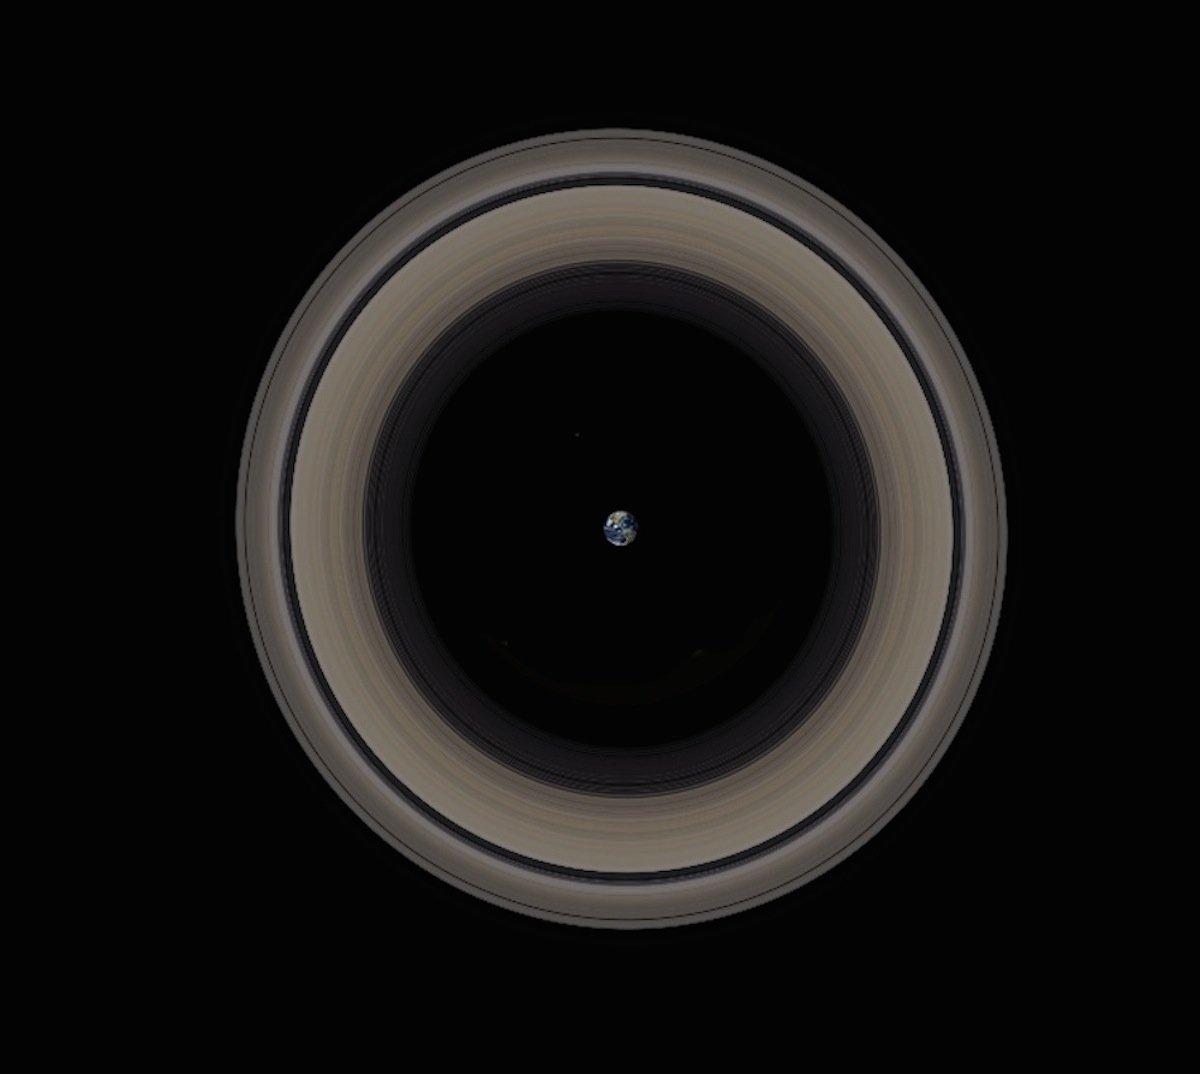 Прстените на Сатурн околу Земјата.